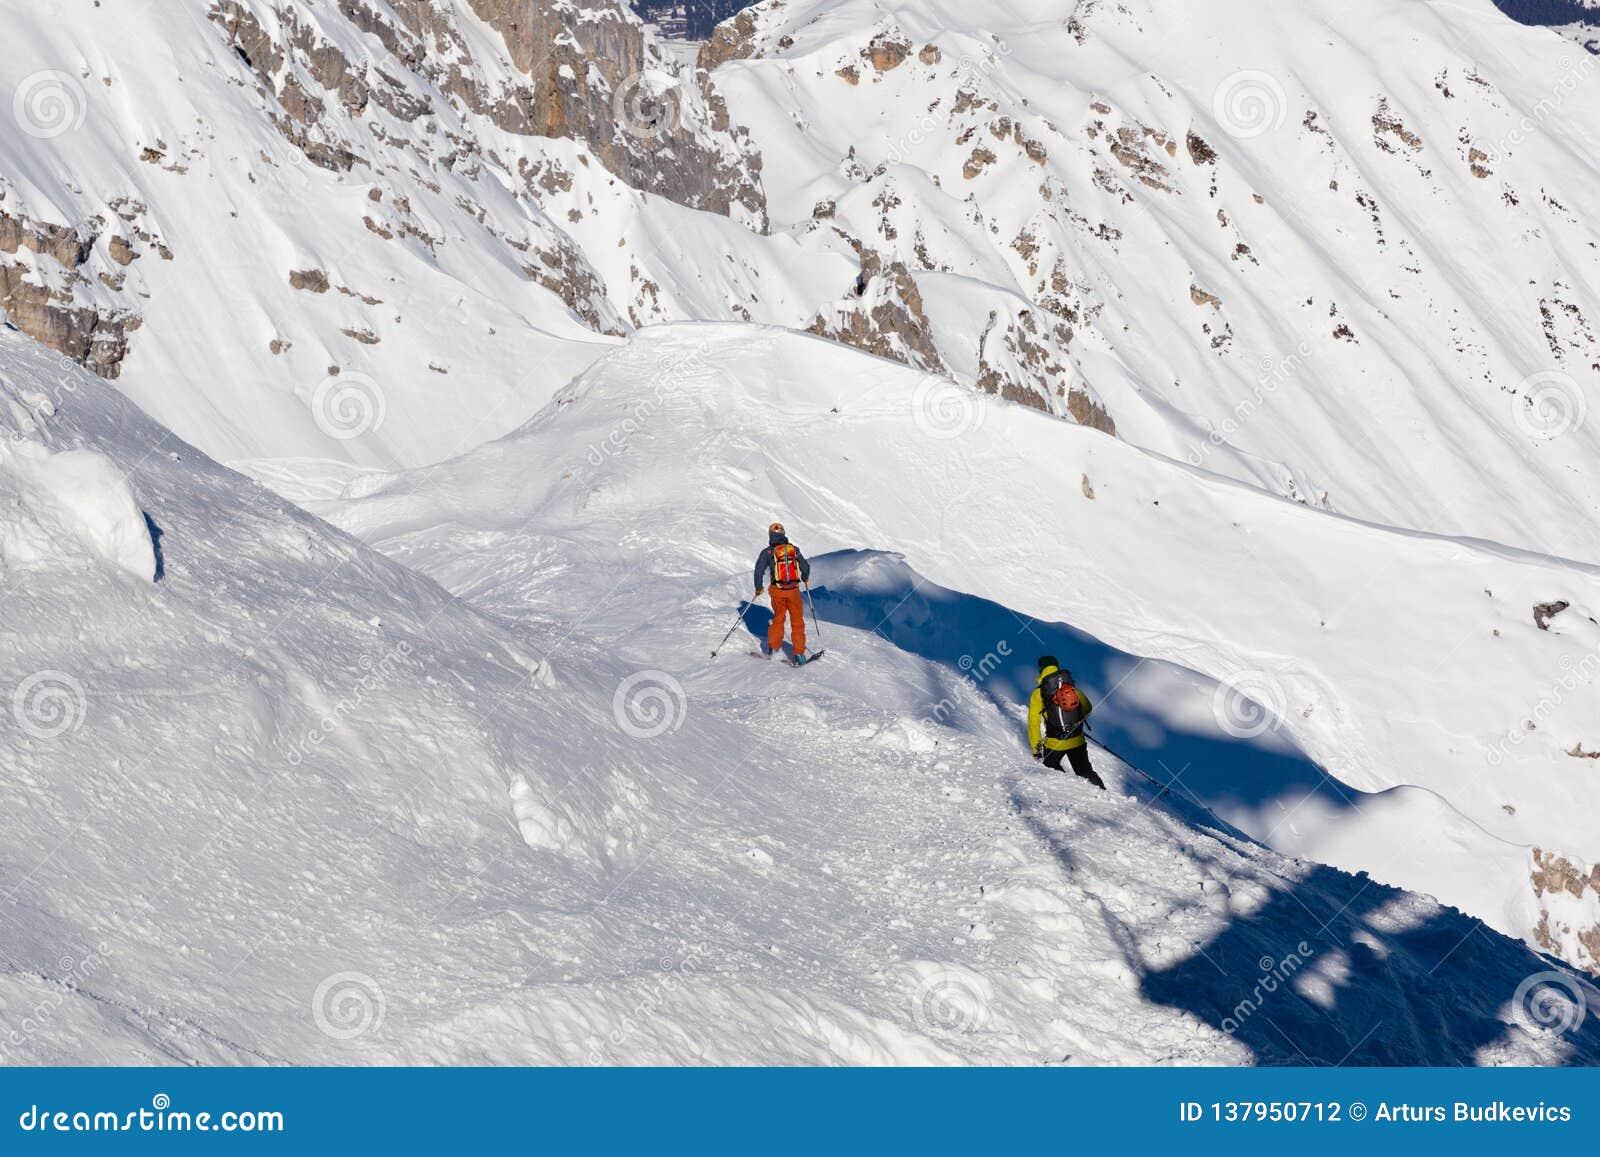 滑雪,滑雪者,在新鲜的粉末雪-有滑雪攀登的人的不劳而获在上面